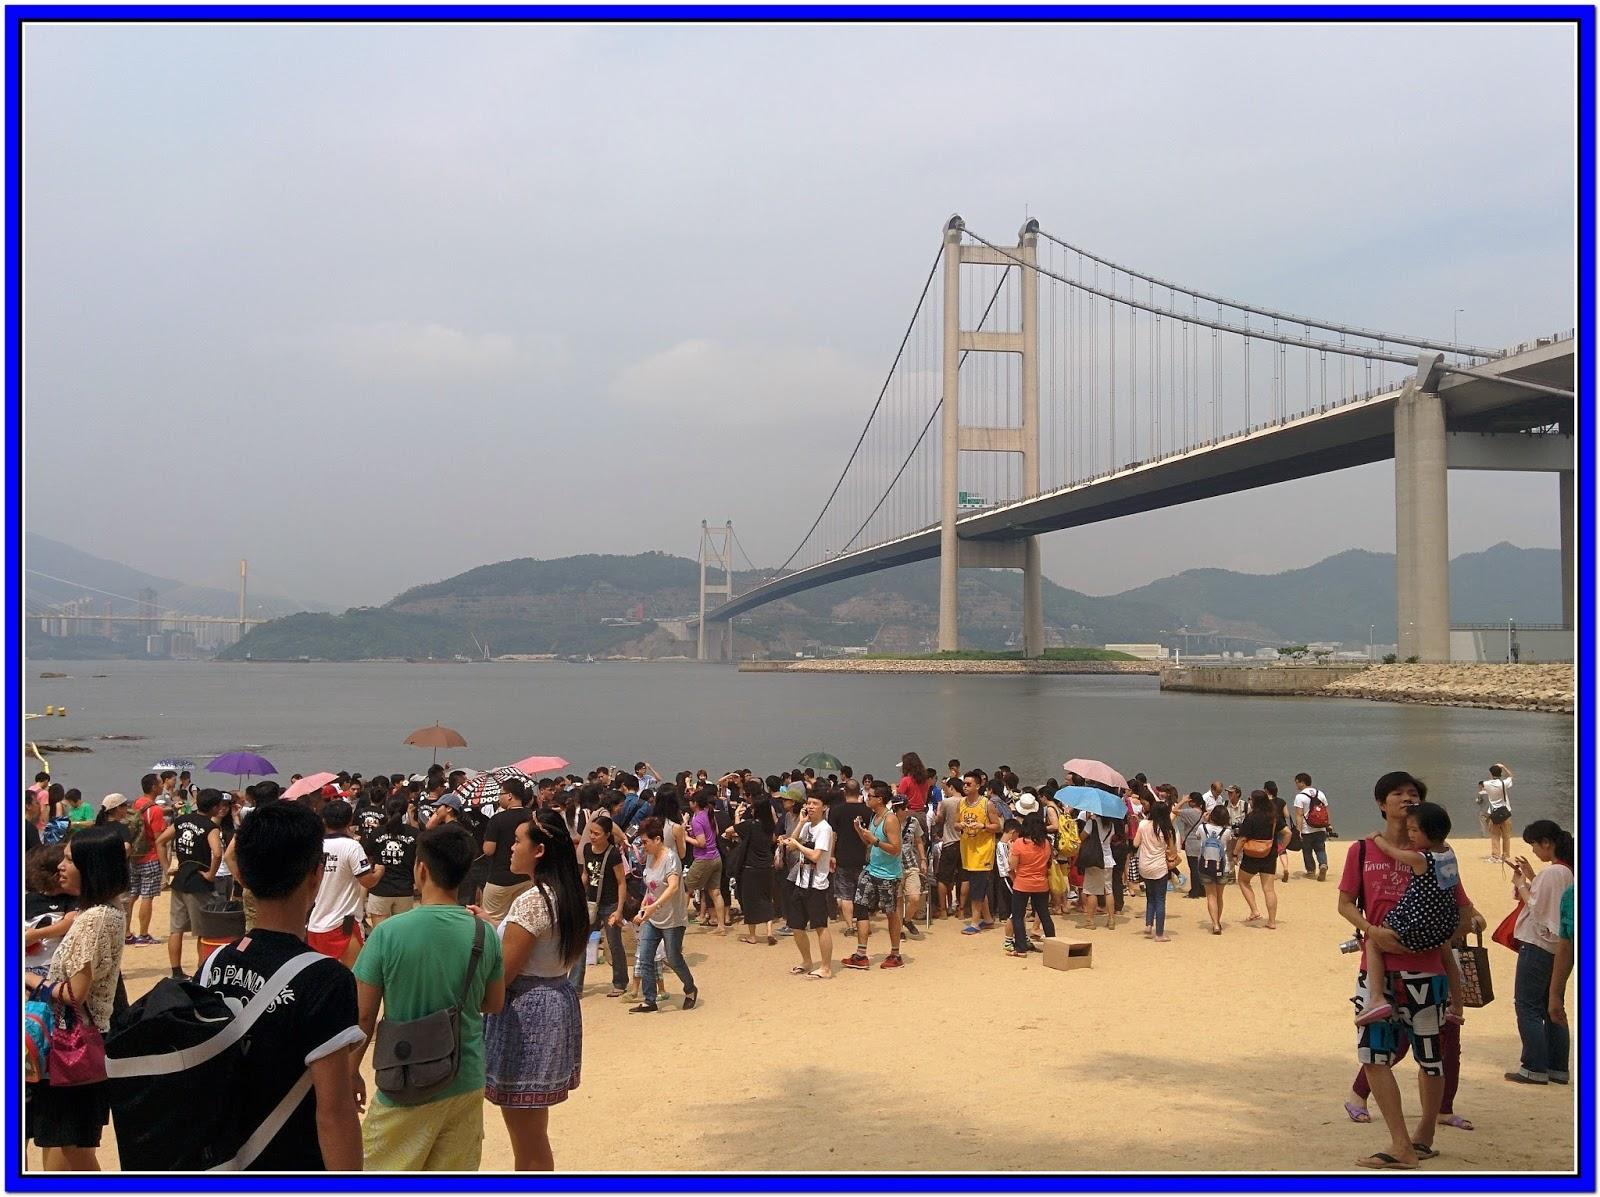 Anita 開心簡單...: 1600熊貓馬灣遊